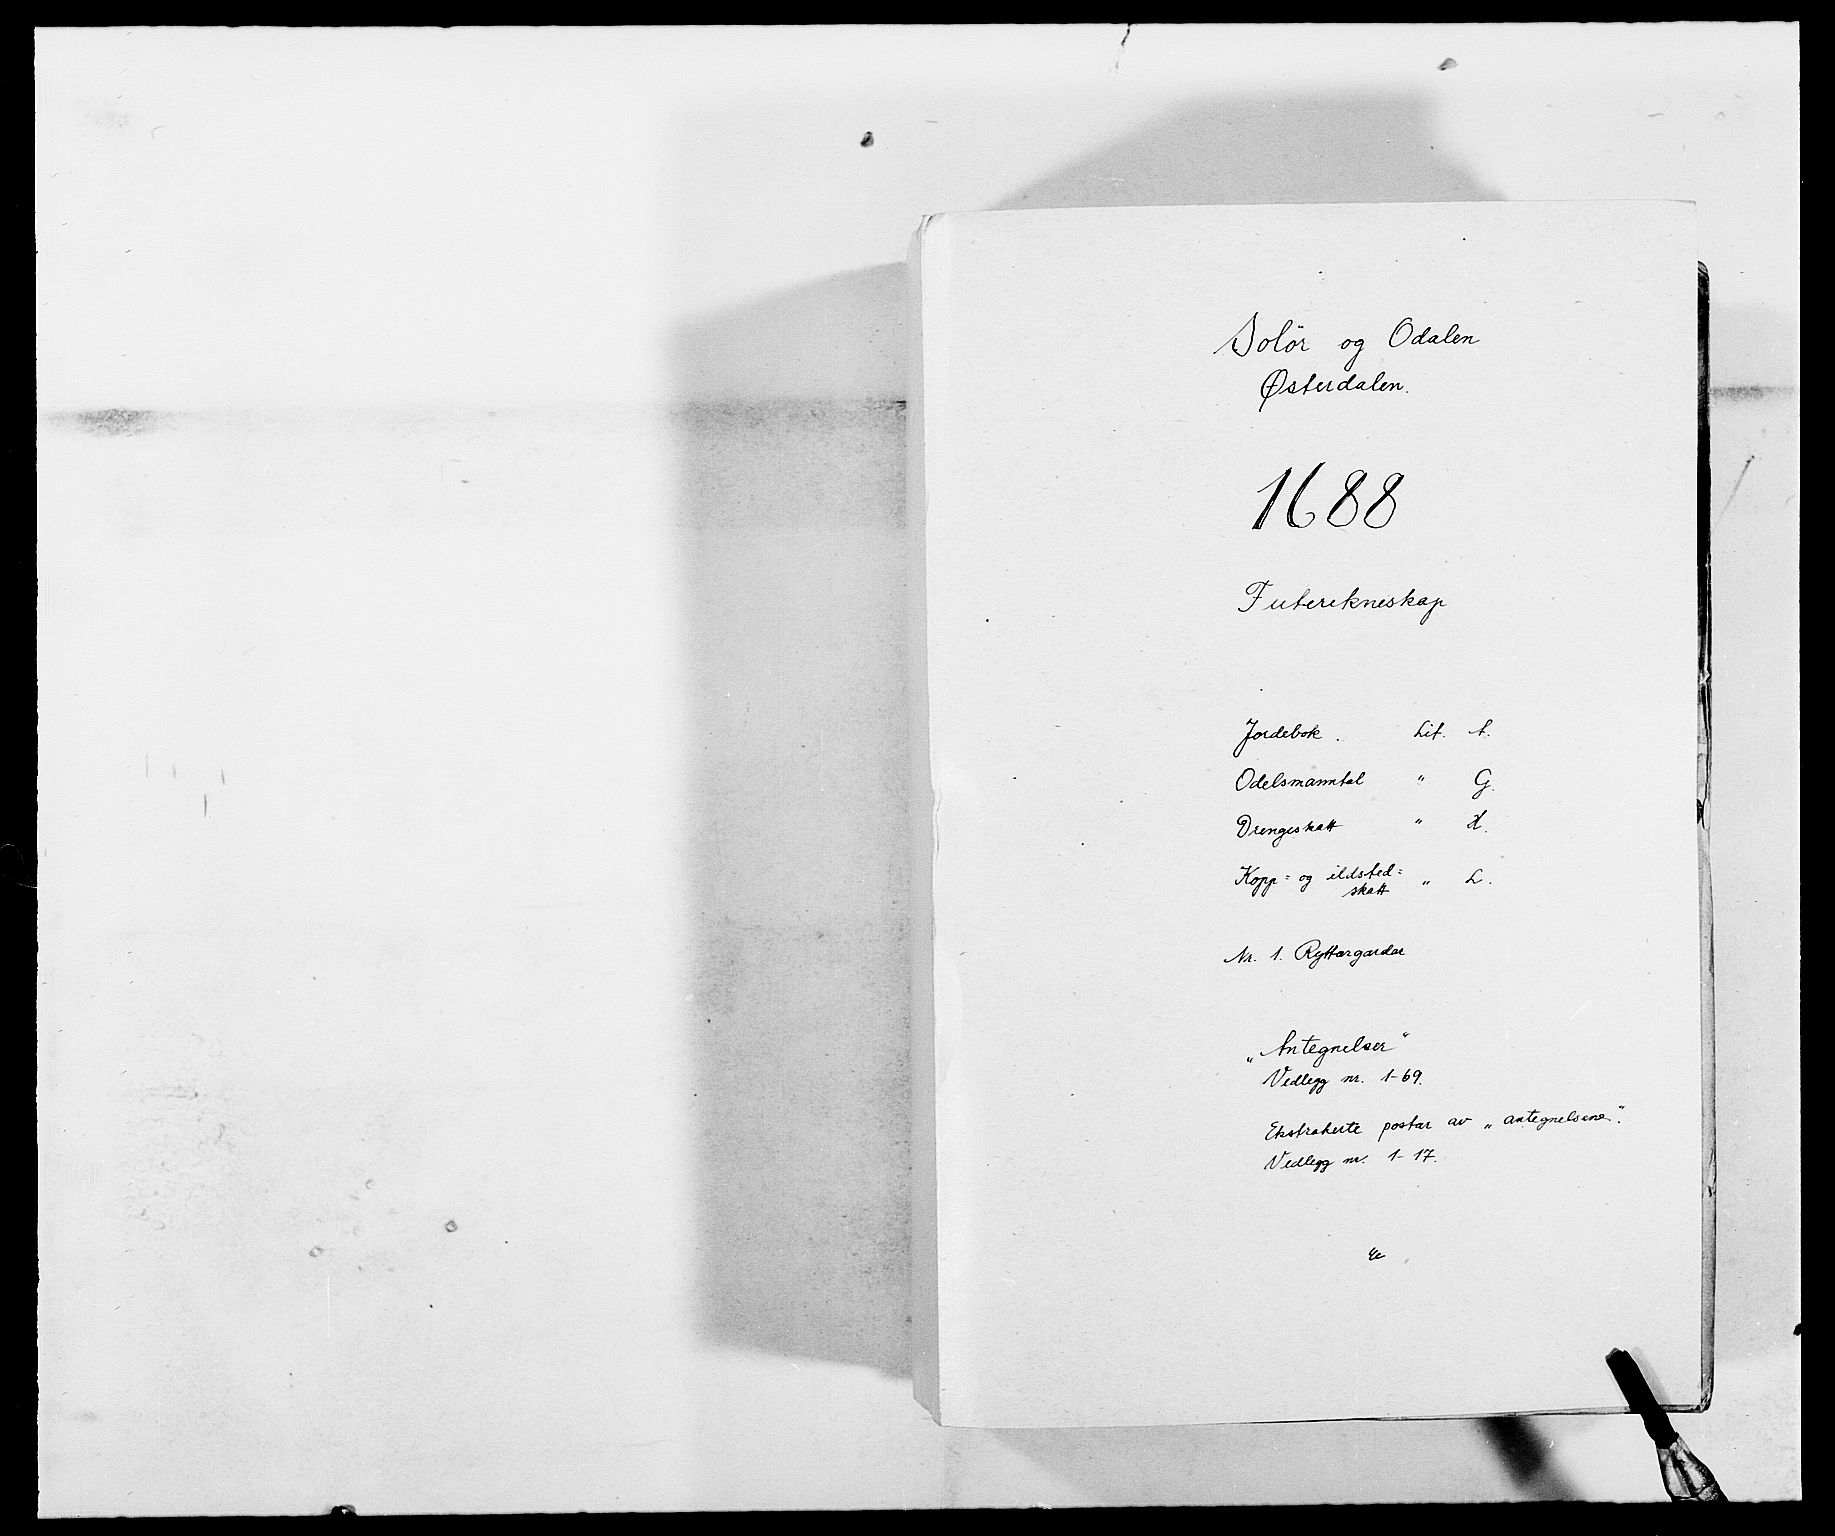 RA, Rentekammeret inntil 1814, Reviderte regnskaper, Fogderegnskap, R13/L0825: Fogderegnskap Solør, Odal og Østerdal, 1688, s. 1